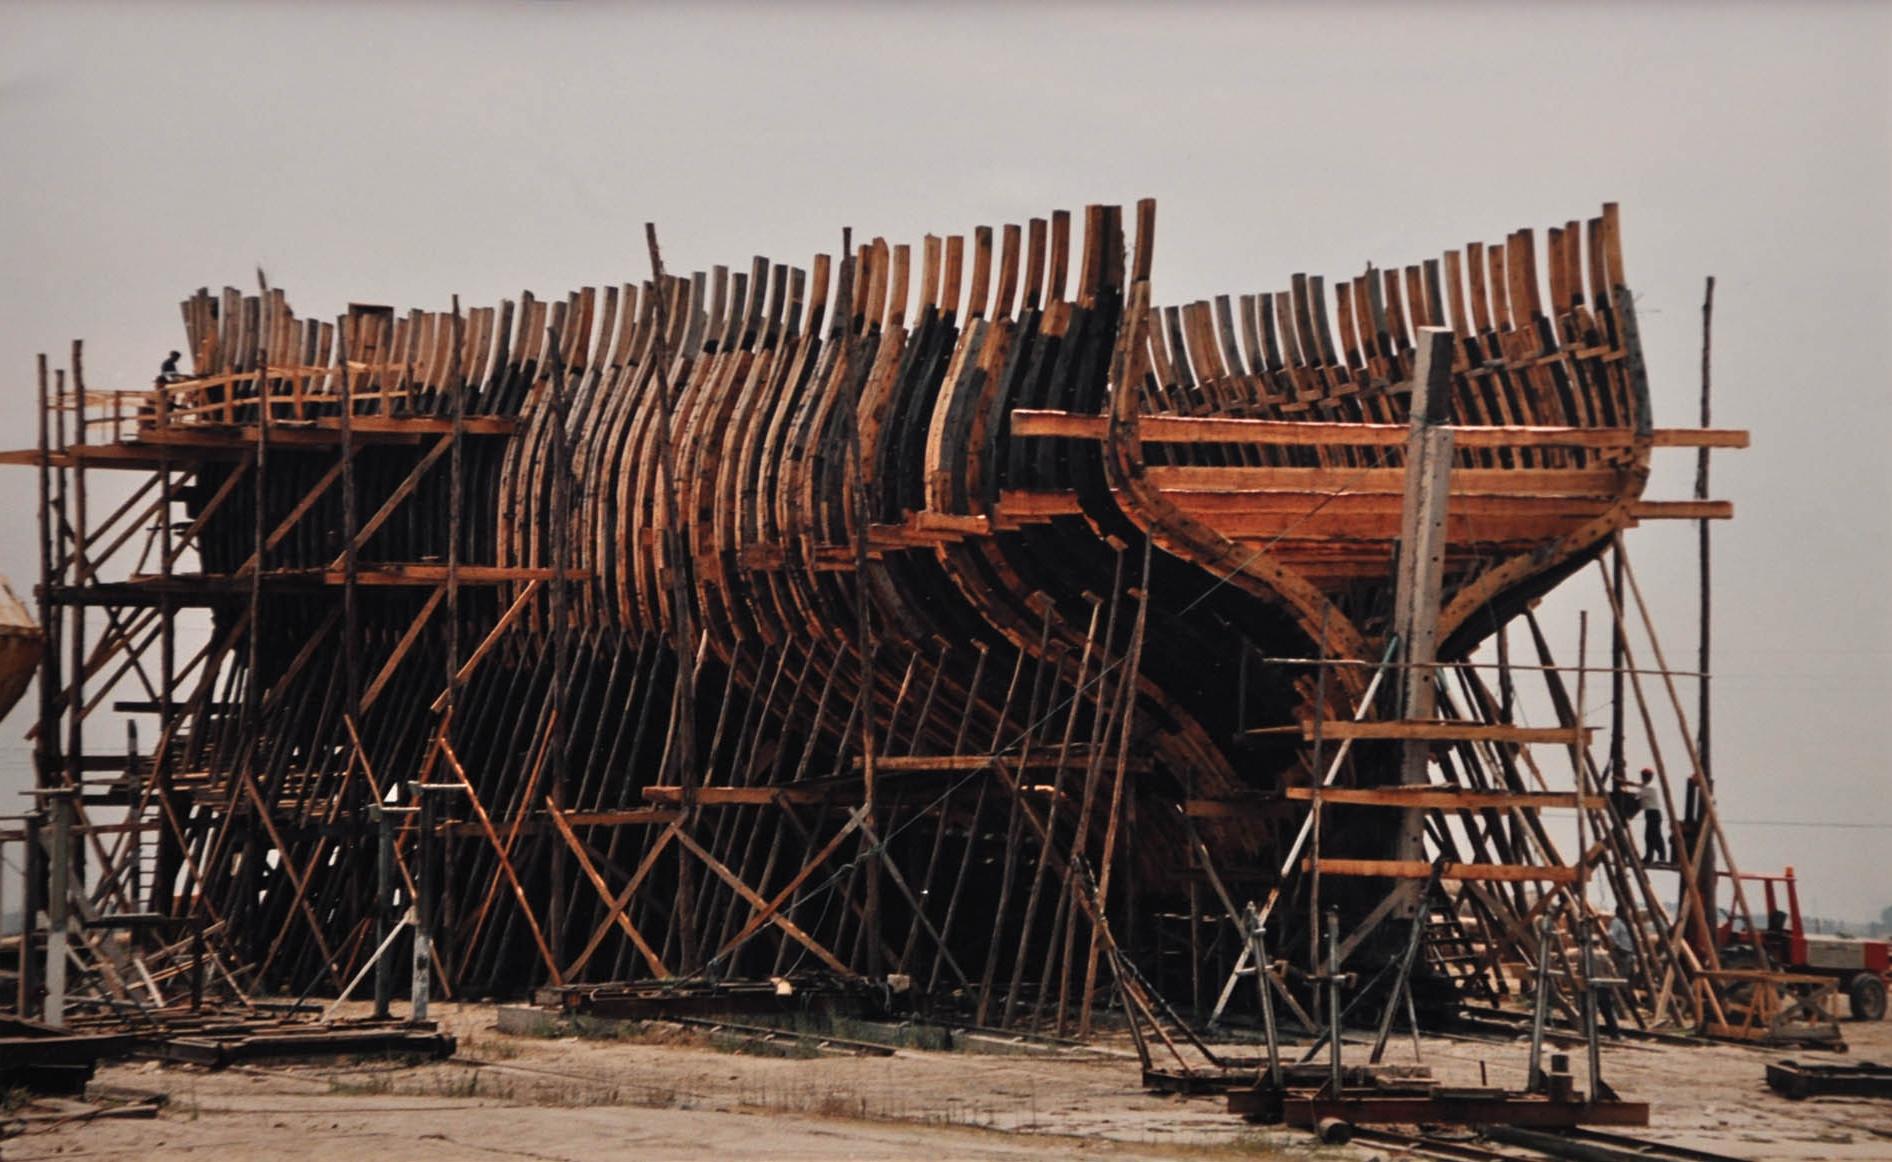 Корпус фрегата в процессе реконструкции. Фото в экспозиции на борту корабля-музея.